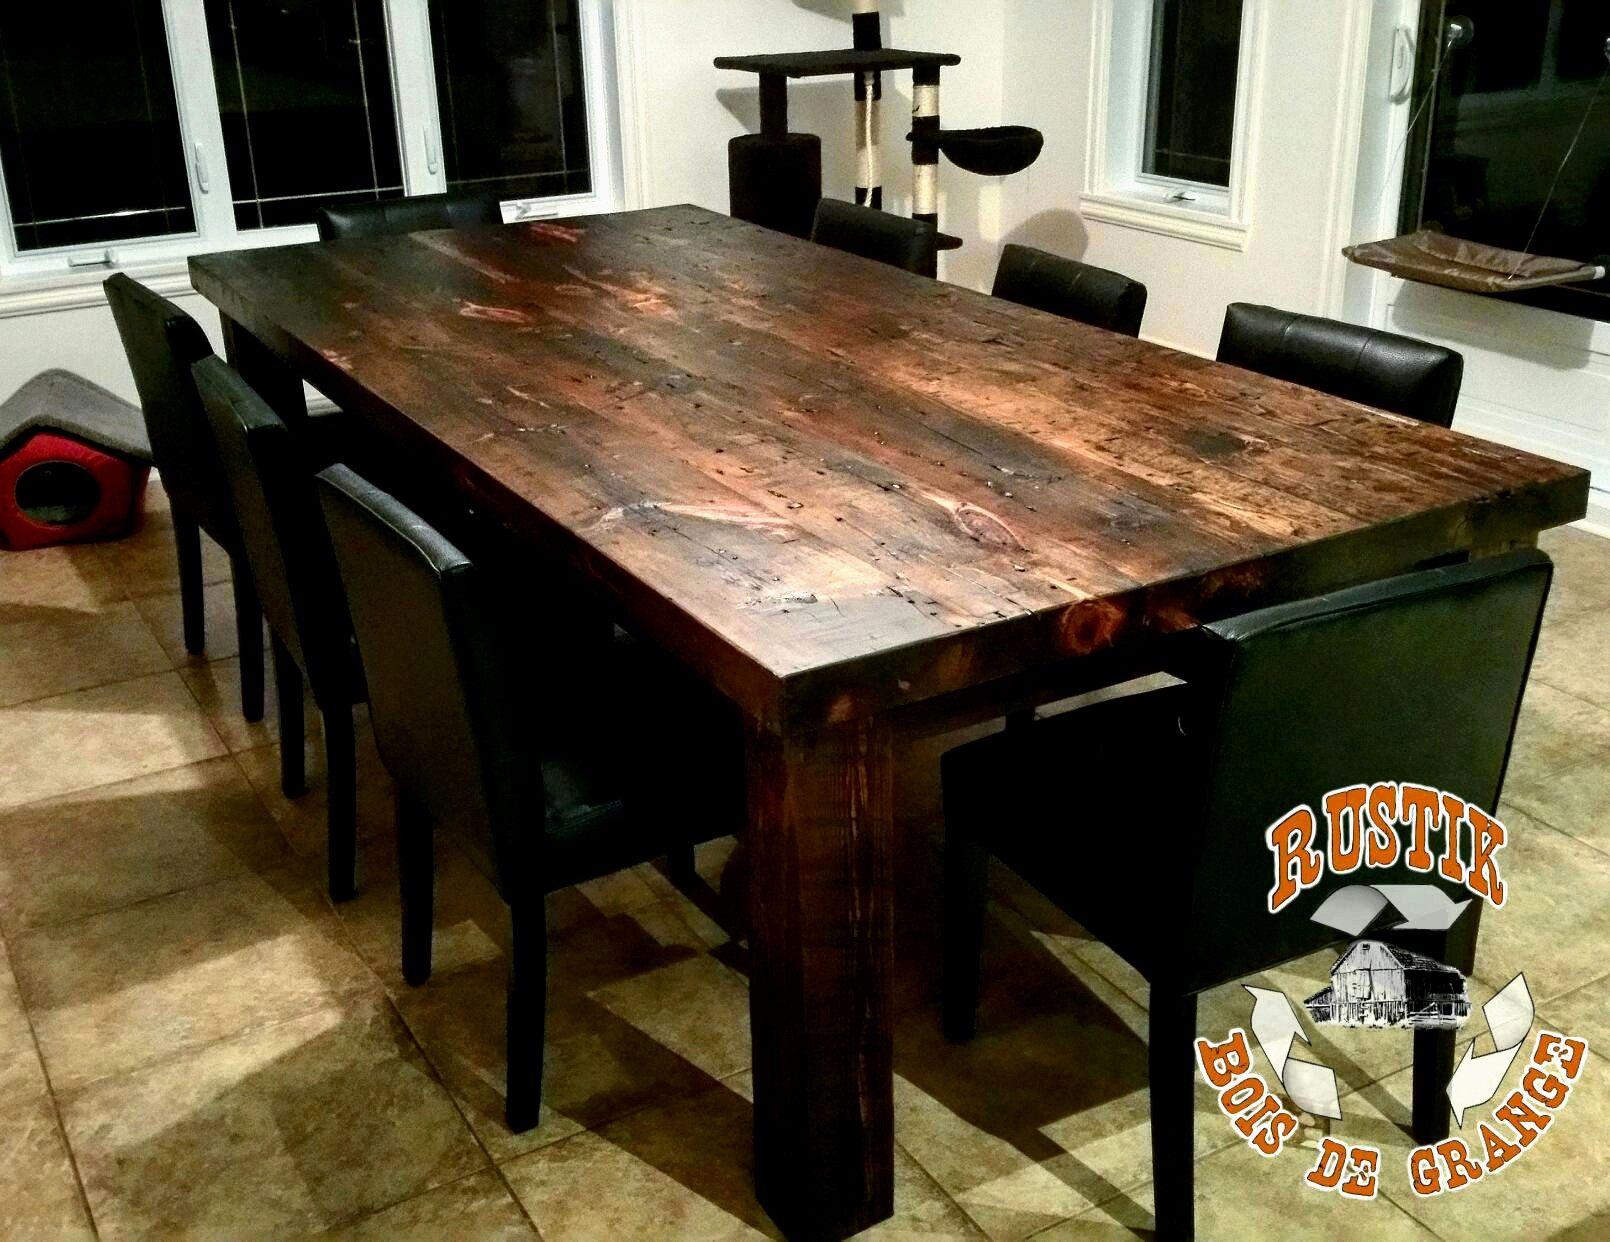 Repeindre Un Lit En Bois Impressionnant Renover Une Table En Teck Peindre Une Table En Bois Peindre Table En